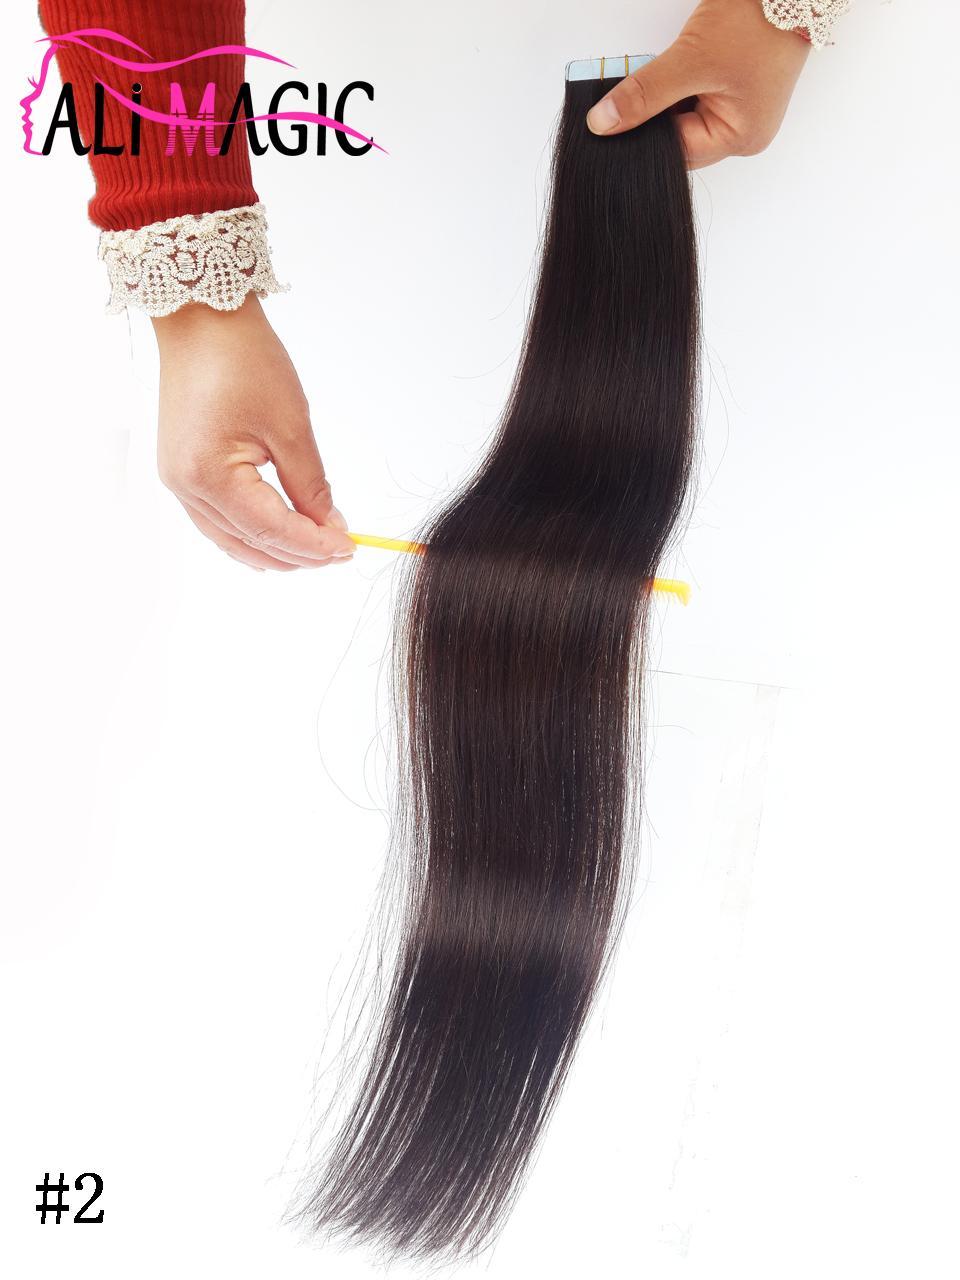 2019 شريط جديد في الشعر البشري extensiopns مستقيم أحلك البني البني لحمة الشريط الشعر 100G 20 '' 22 '' 24 بوصة